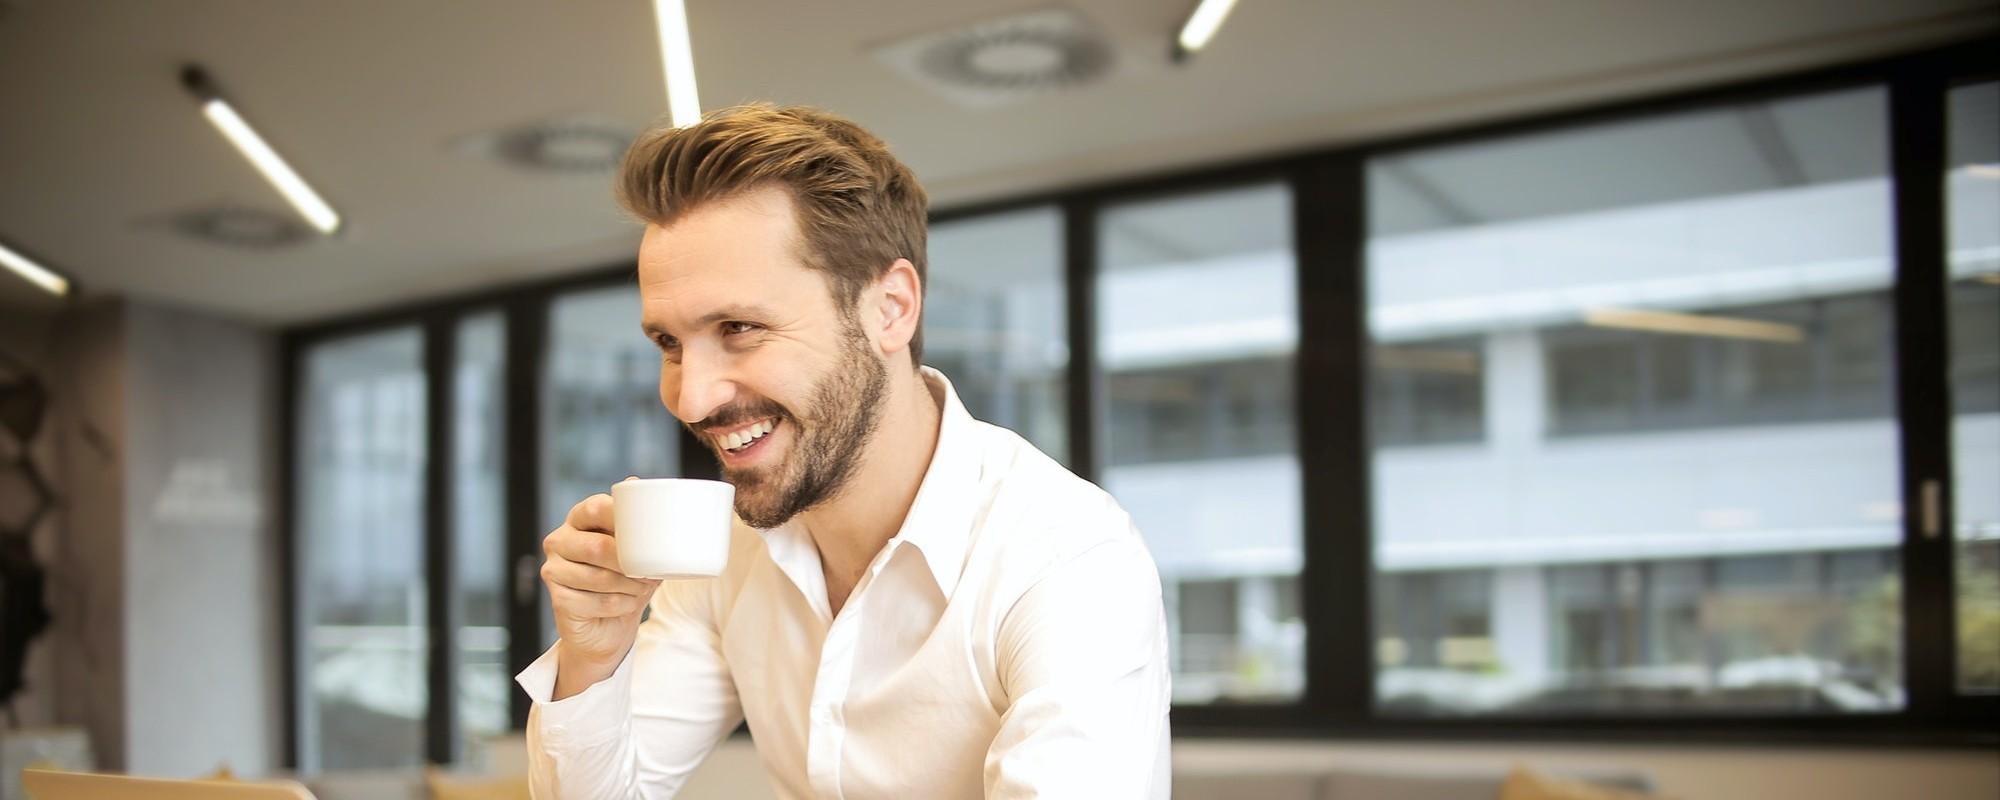 Man sitting at his laptop drinking coffee